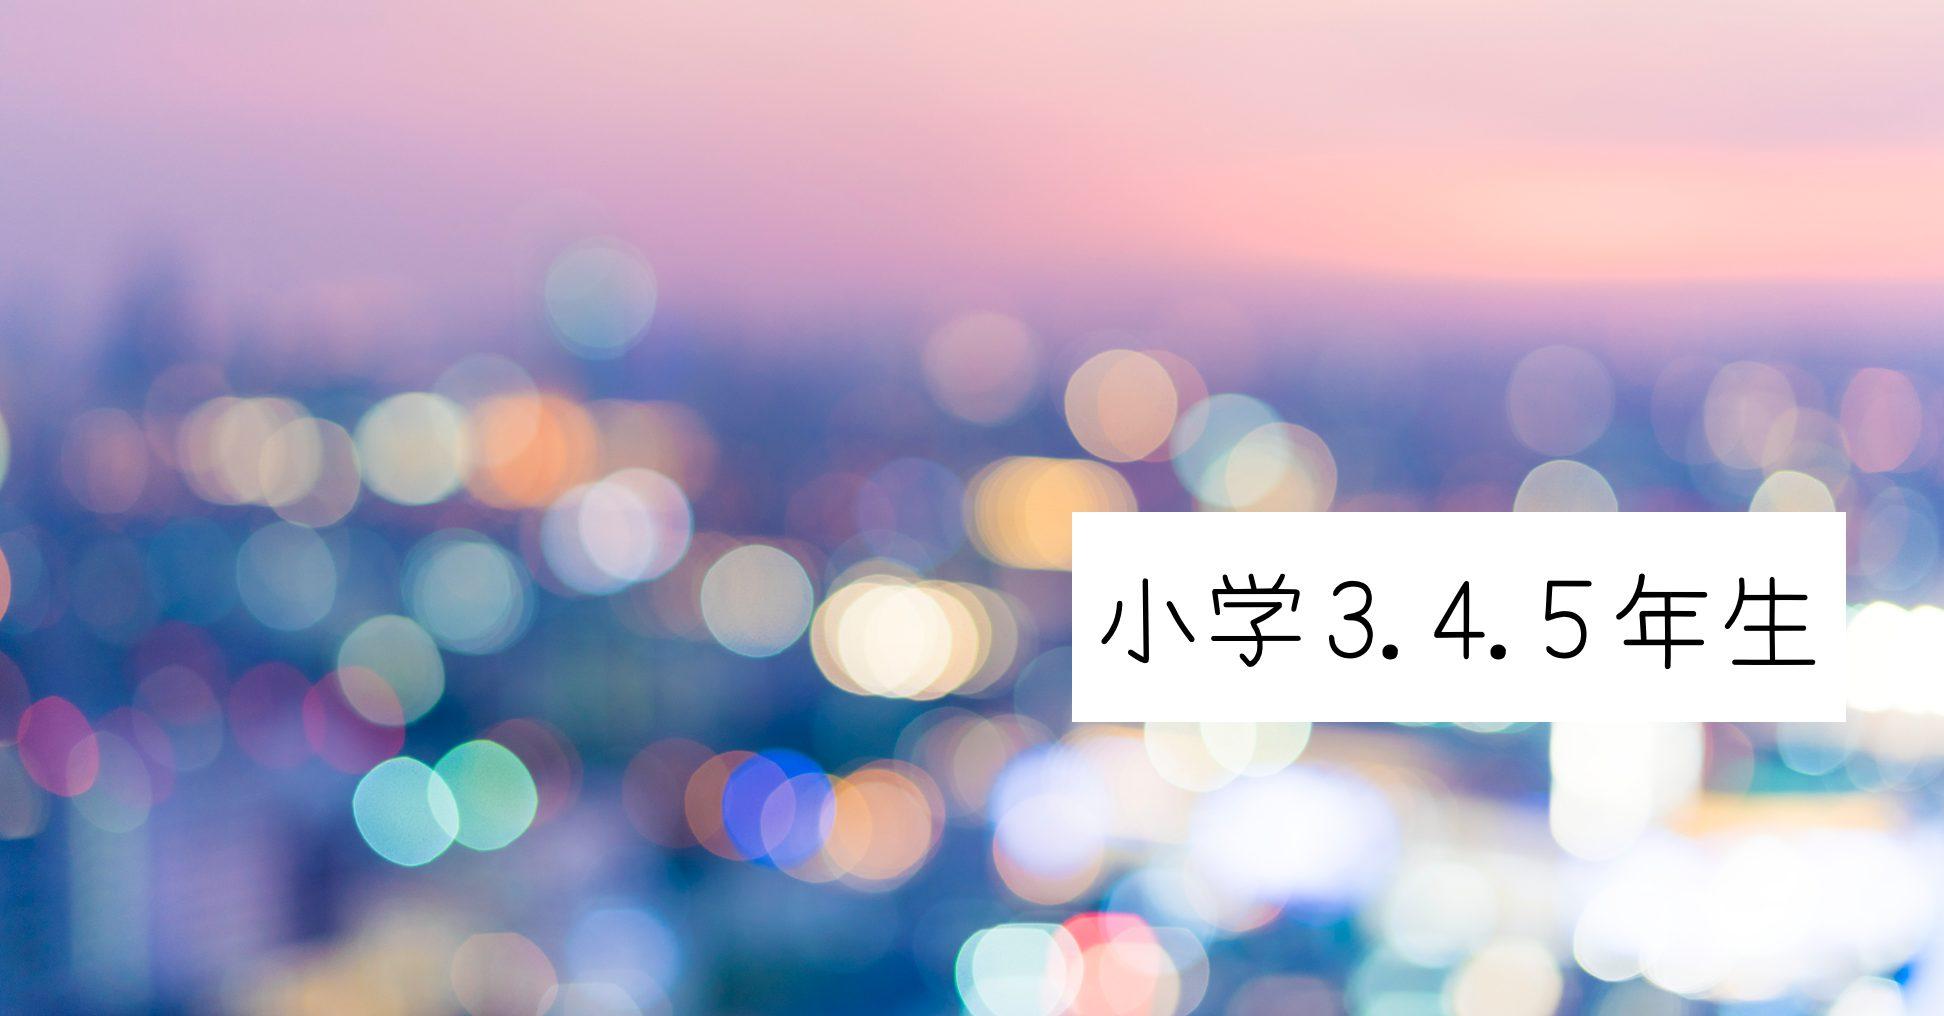 2020/10/8 3.4.5年生 What's that like?